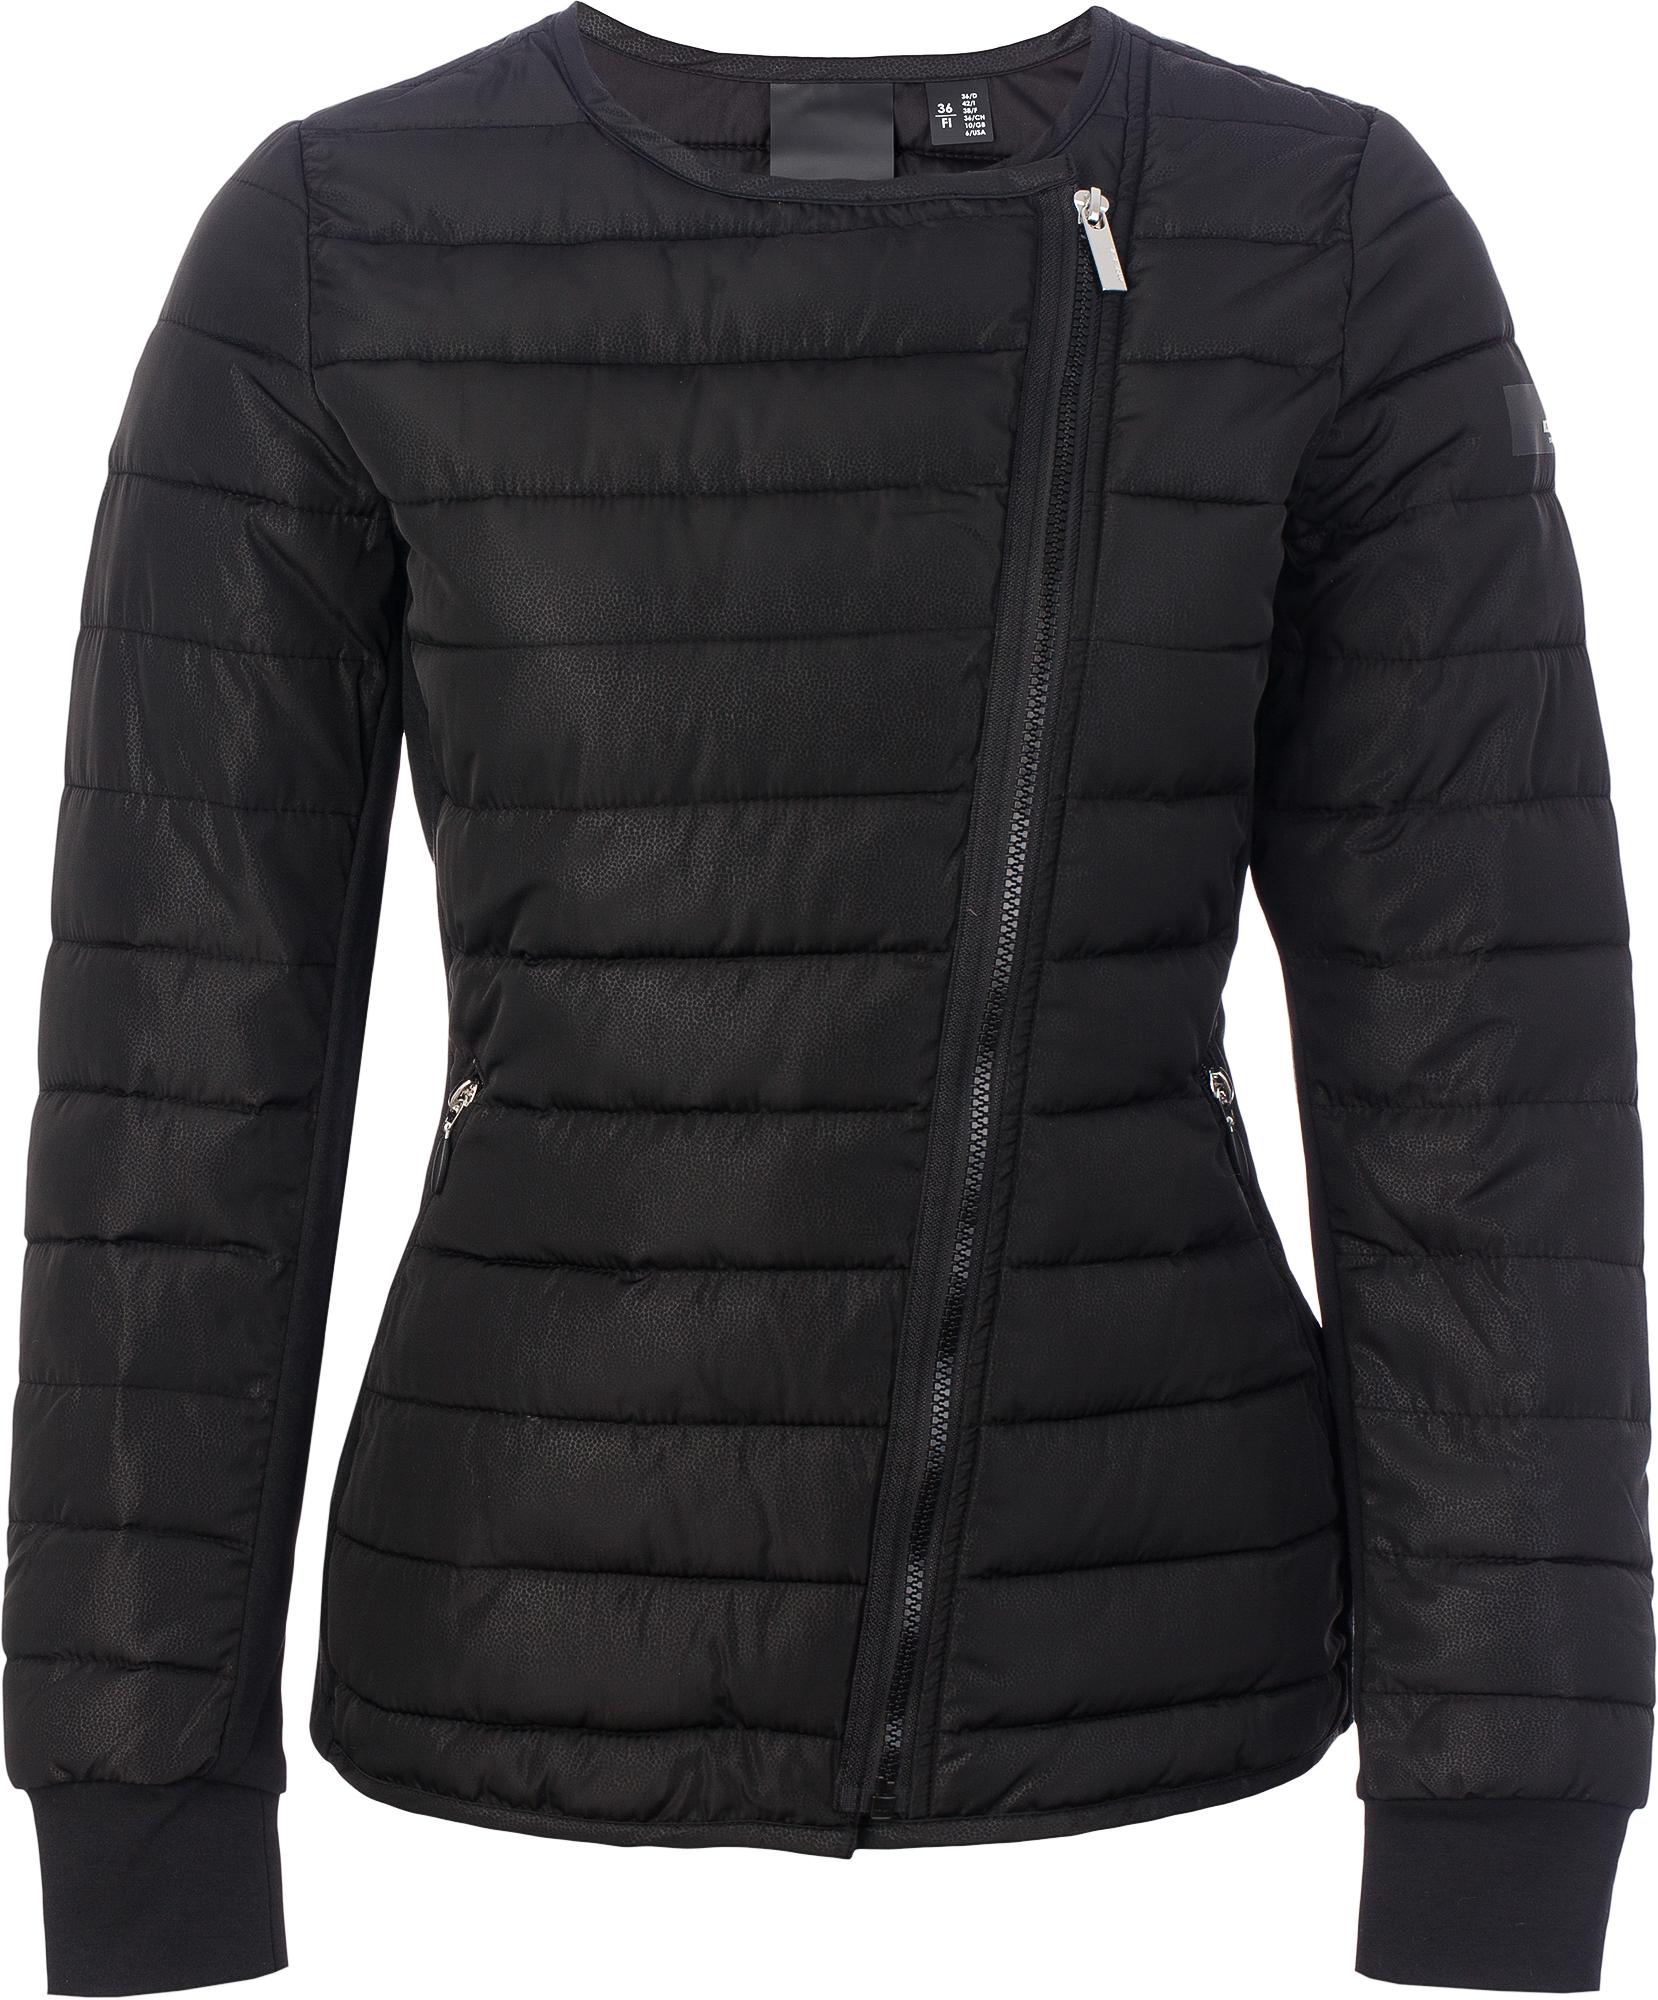 IcePeak Куртка утепленная женская IcePeak Carol, размер 48 icepeak сумка женская icepeak isabel размер без размера